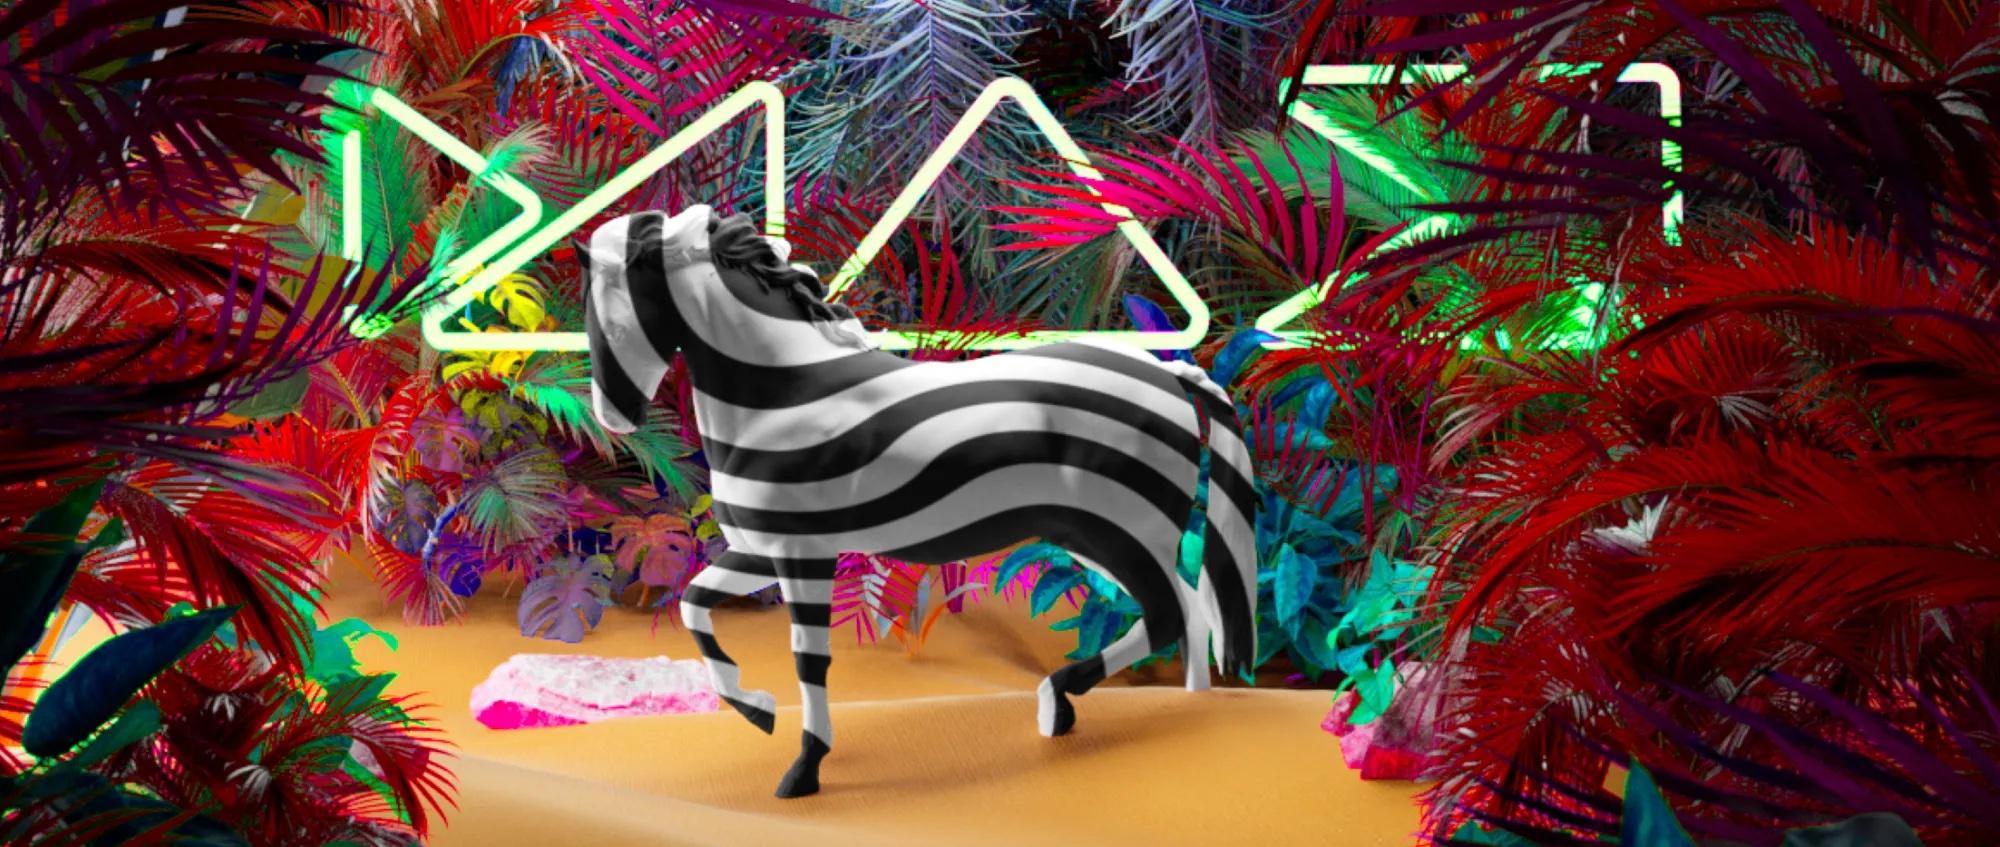 Adobe ประกาศจัดงาน MAX 2021 วันที่ 26-28 ตุลาคมนี้ เป็นรูปแบบออนไลน์ทั้งหมด